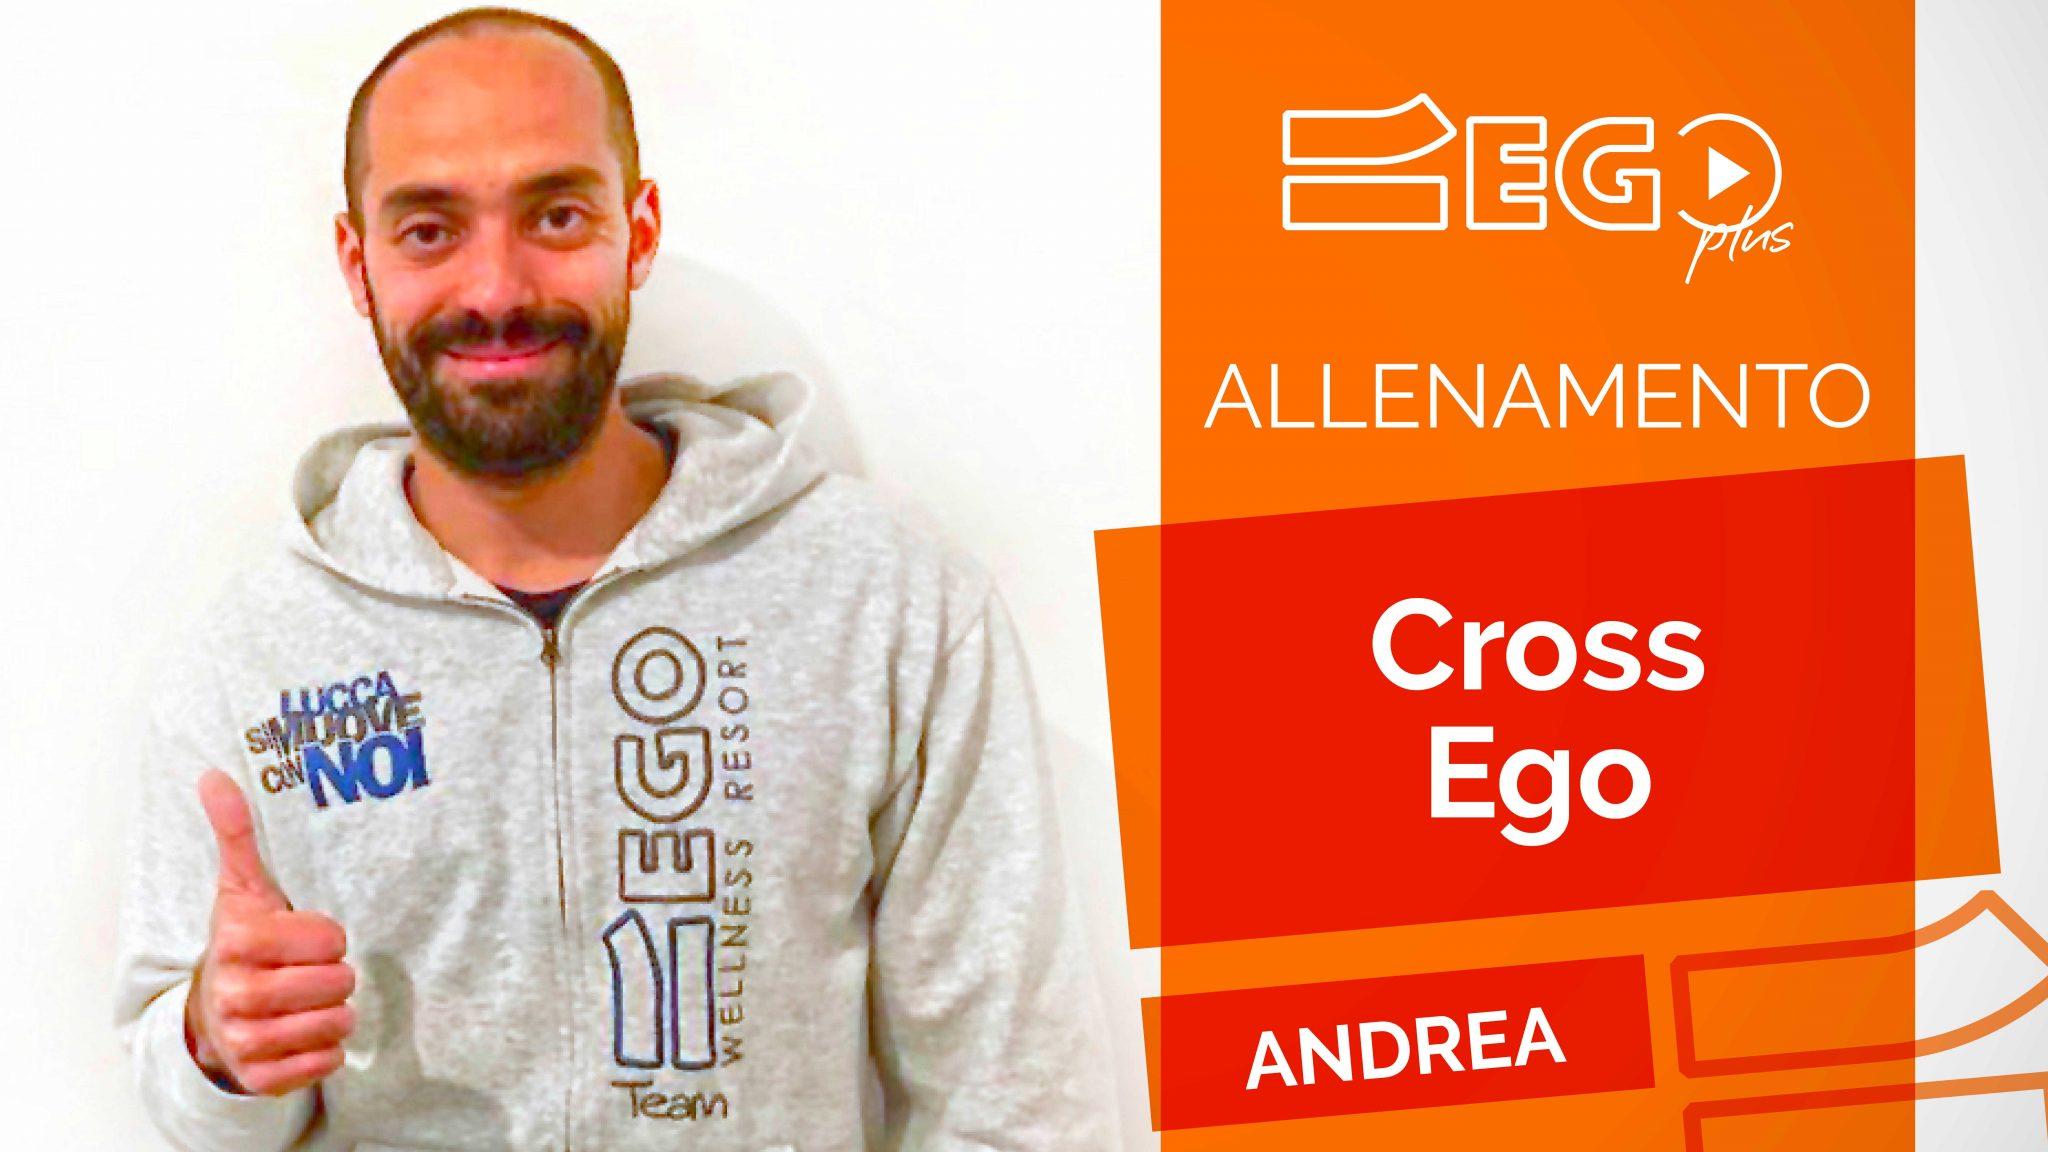 Cross-Ego-Andrea-EgoPlus